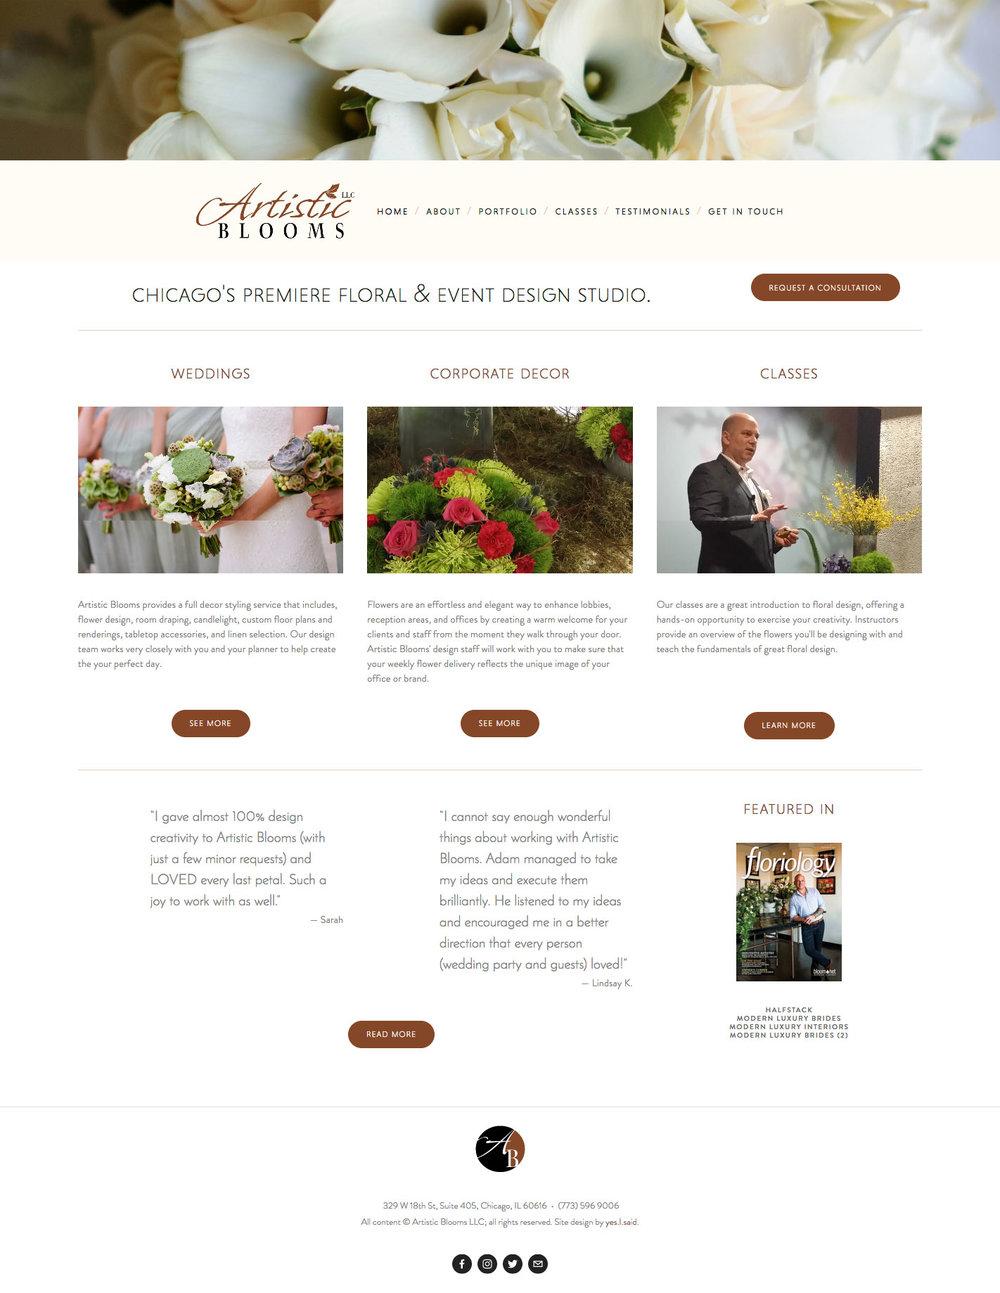 Client: Artistic Blooms Chicago / Adam Havrilla Platform: Squarespace